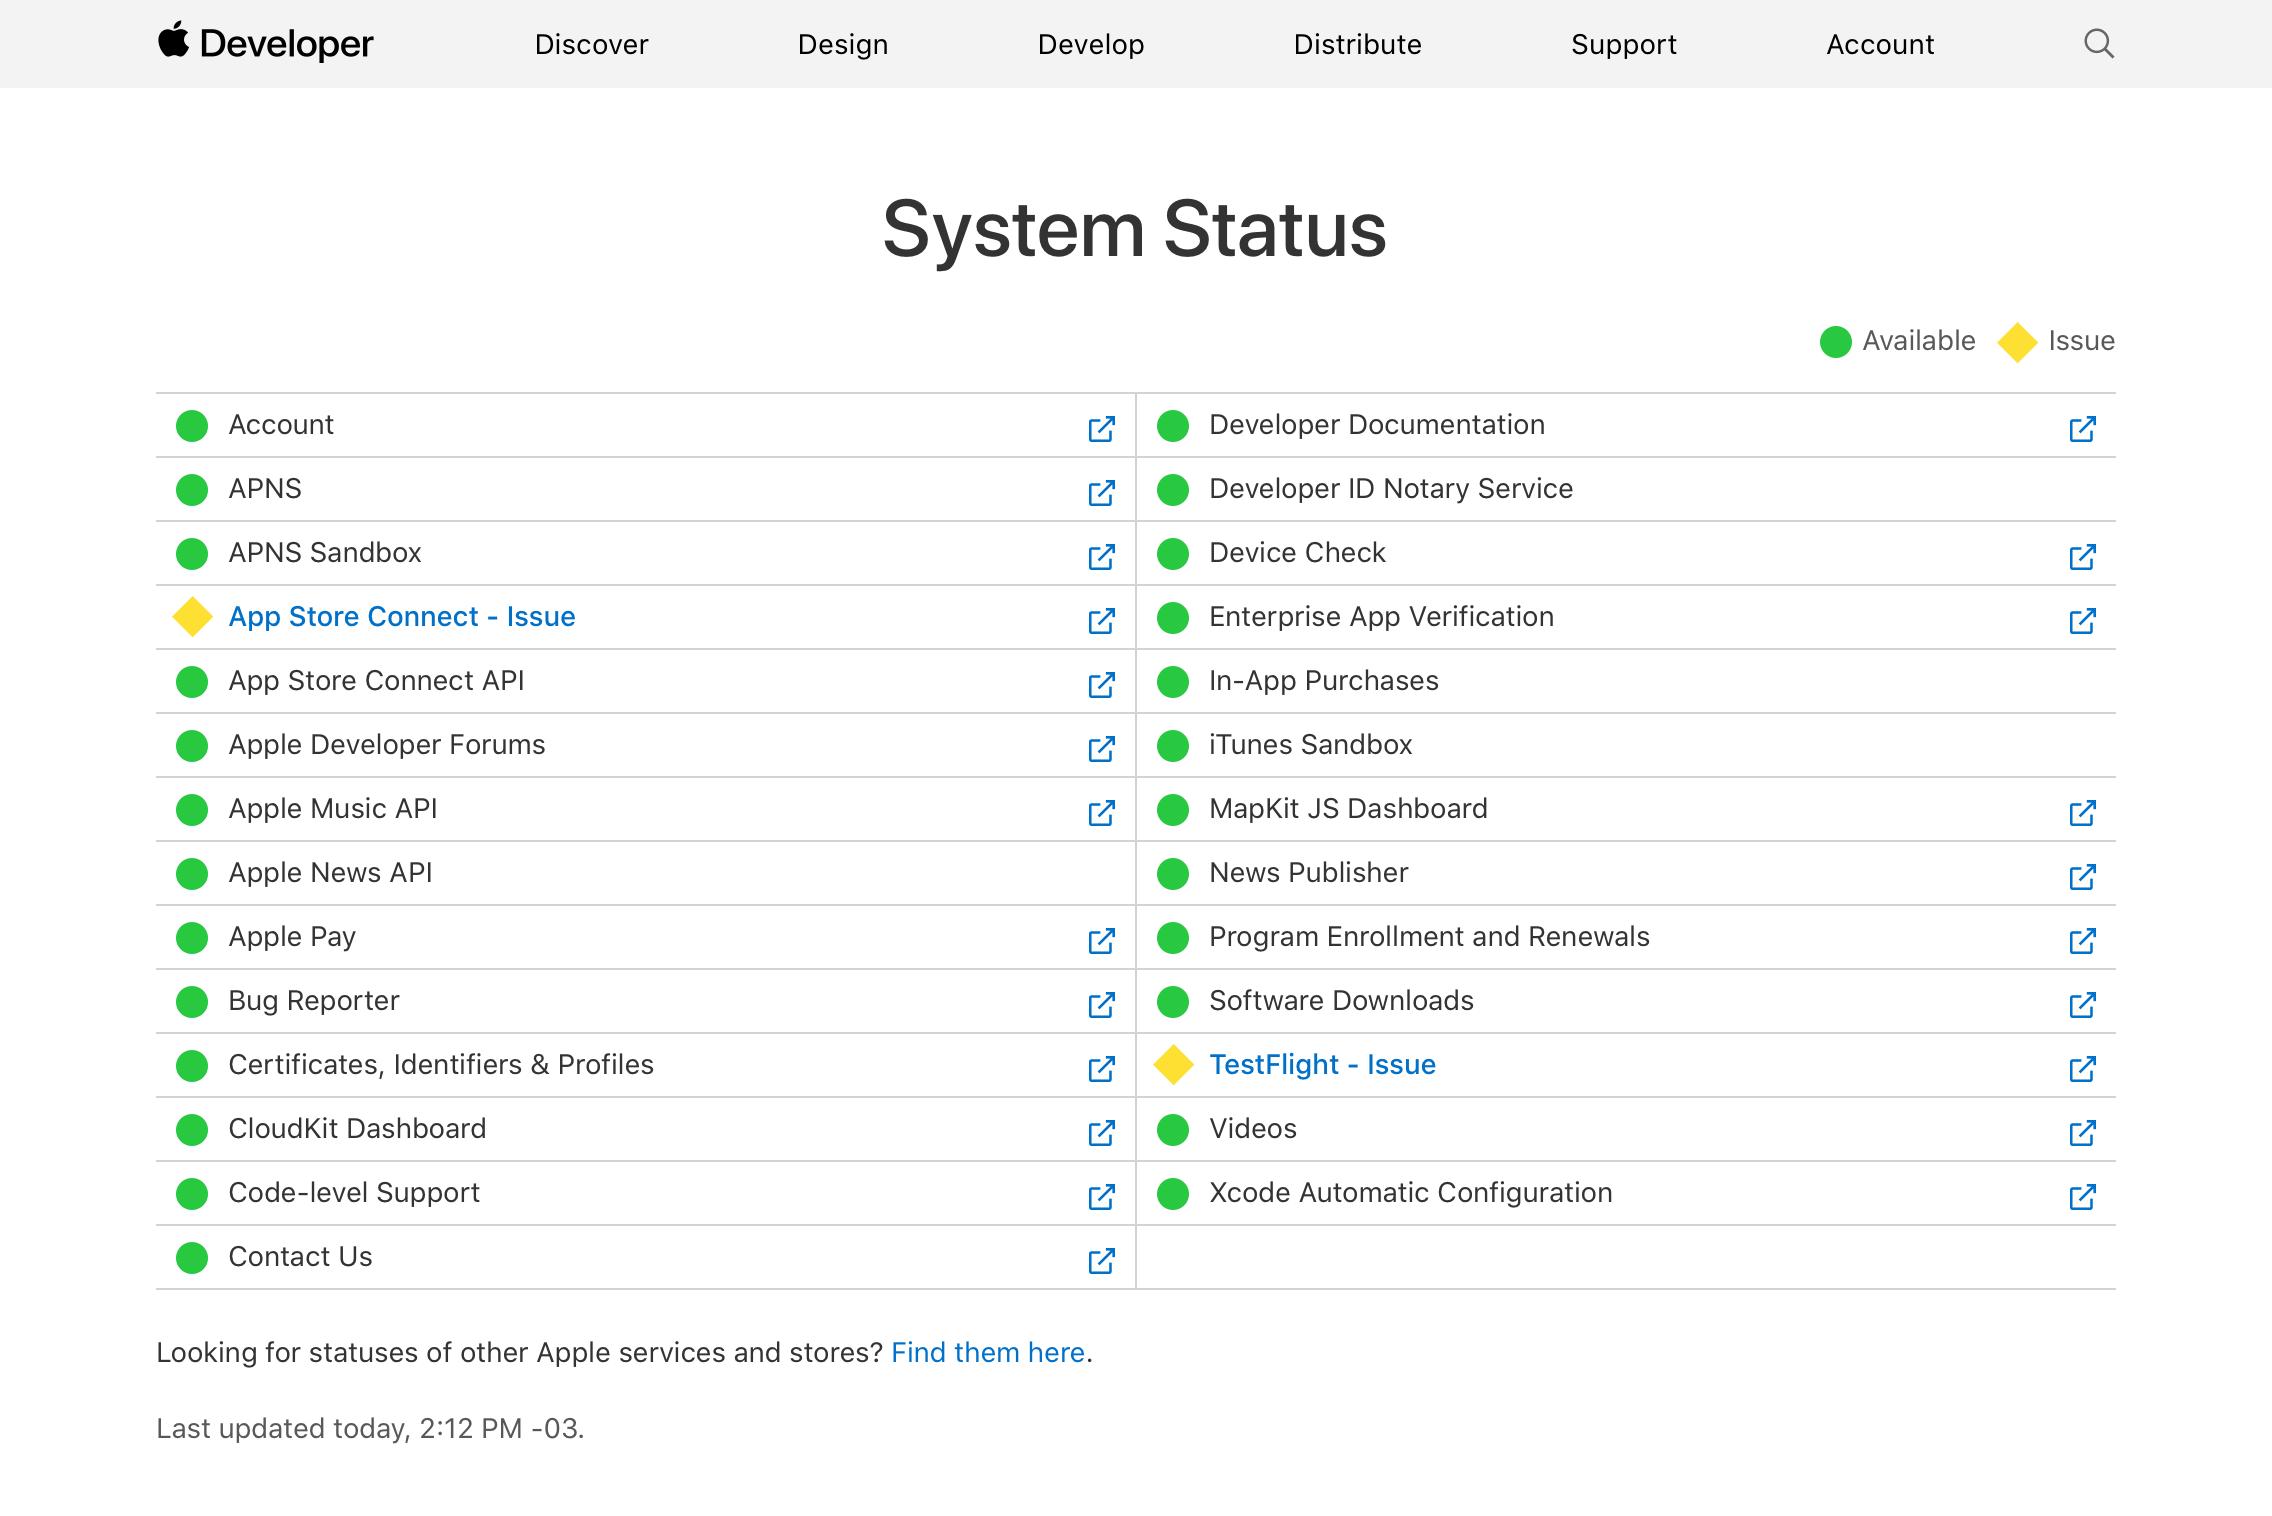 Apple services failed